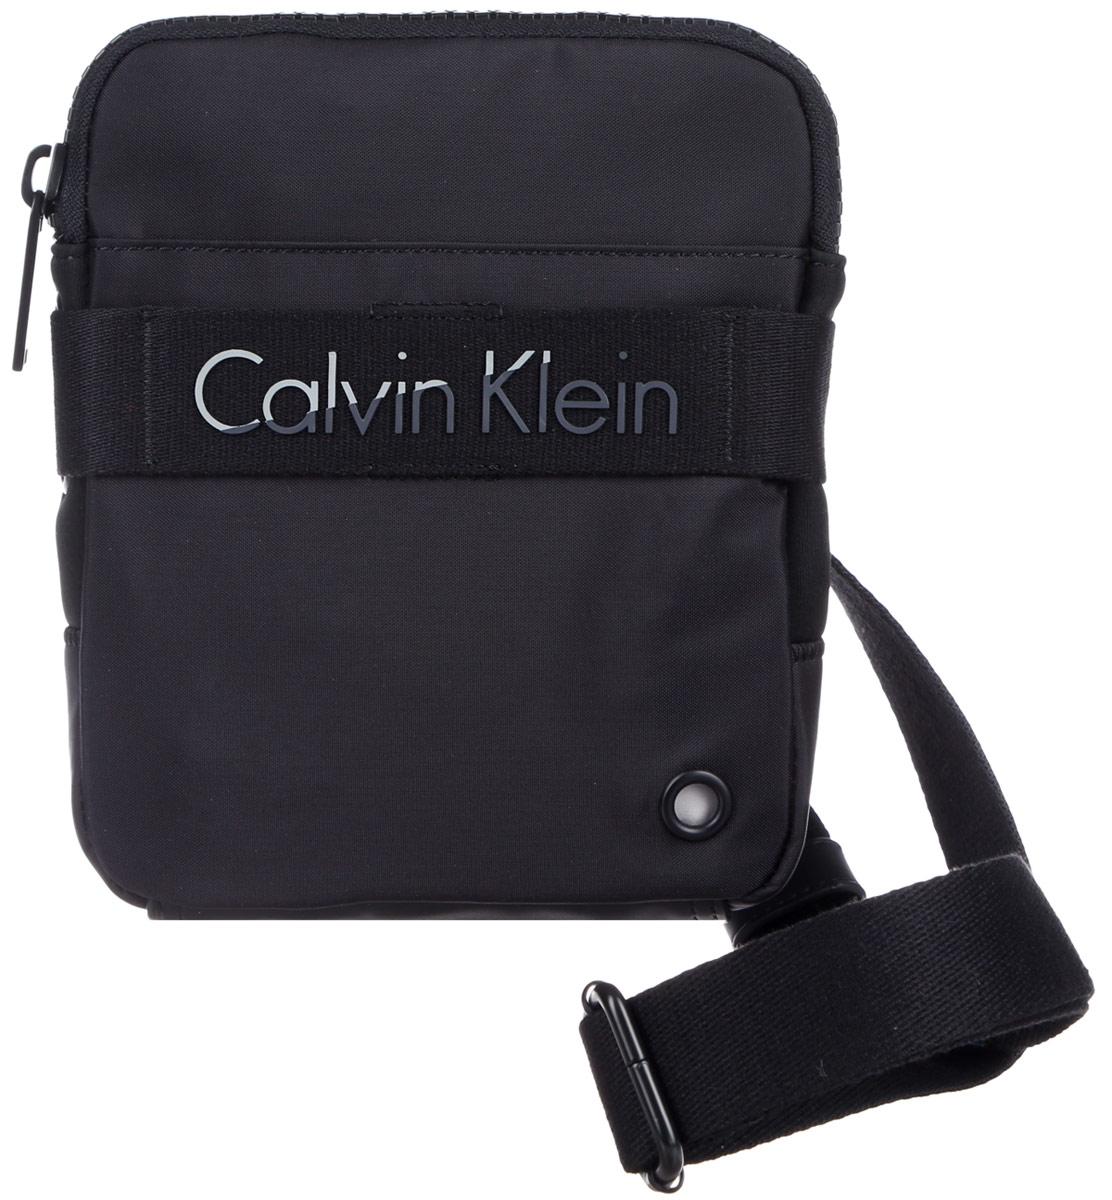 Сумка мужская Calvin Klein Jeans, цвет: черный. K50K502277_0010L39845800Стильная мужская сумка Calvin Klein Jeans выполнена из полиуретана, полиамида и полиэстера. Изделие имеет одно отделение, которое закрывается на застежку-молнию. Задняя часть сумки дополнена мягкой сетчатой вставкой, которая обеспечивает комфорт при носке. Сумка оснащена текстильным плечевым ремнем, который регулируется по длине.Стильная сумка идеально подчеркнет ваш неповторимый стиль.